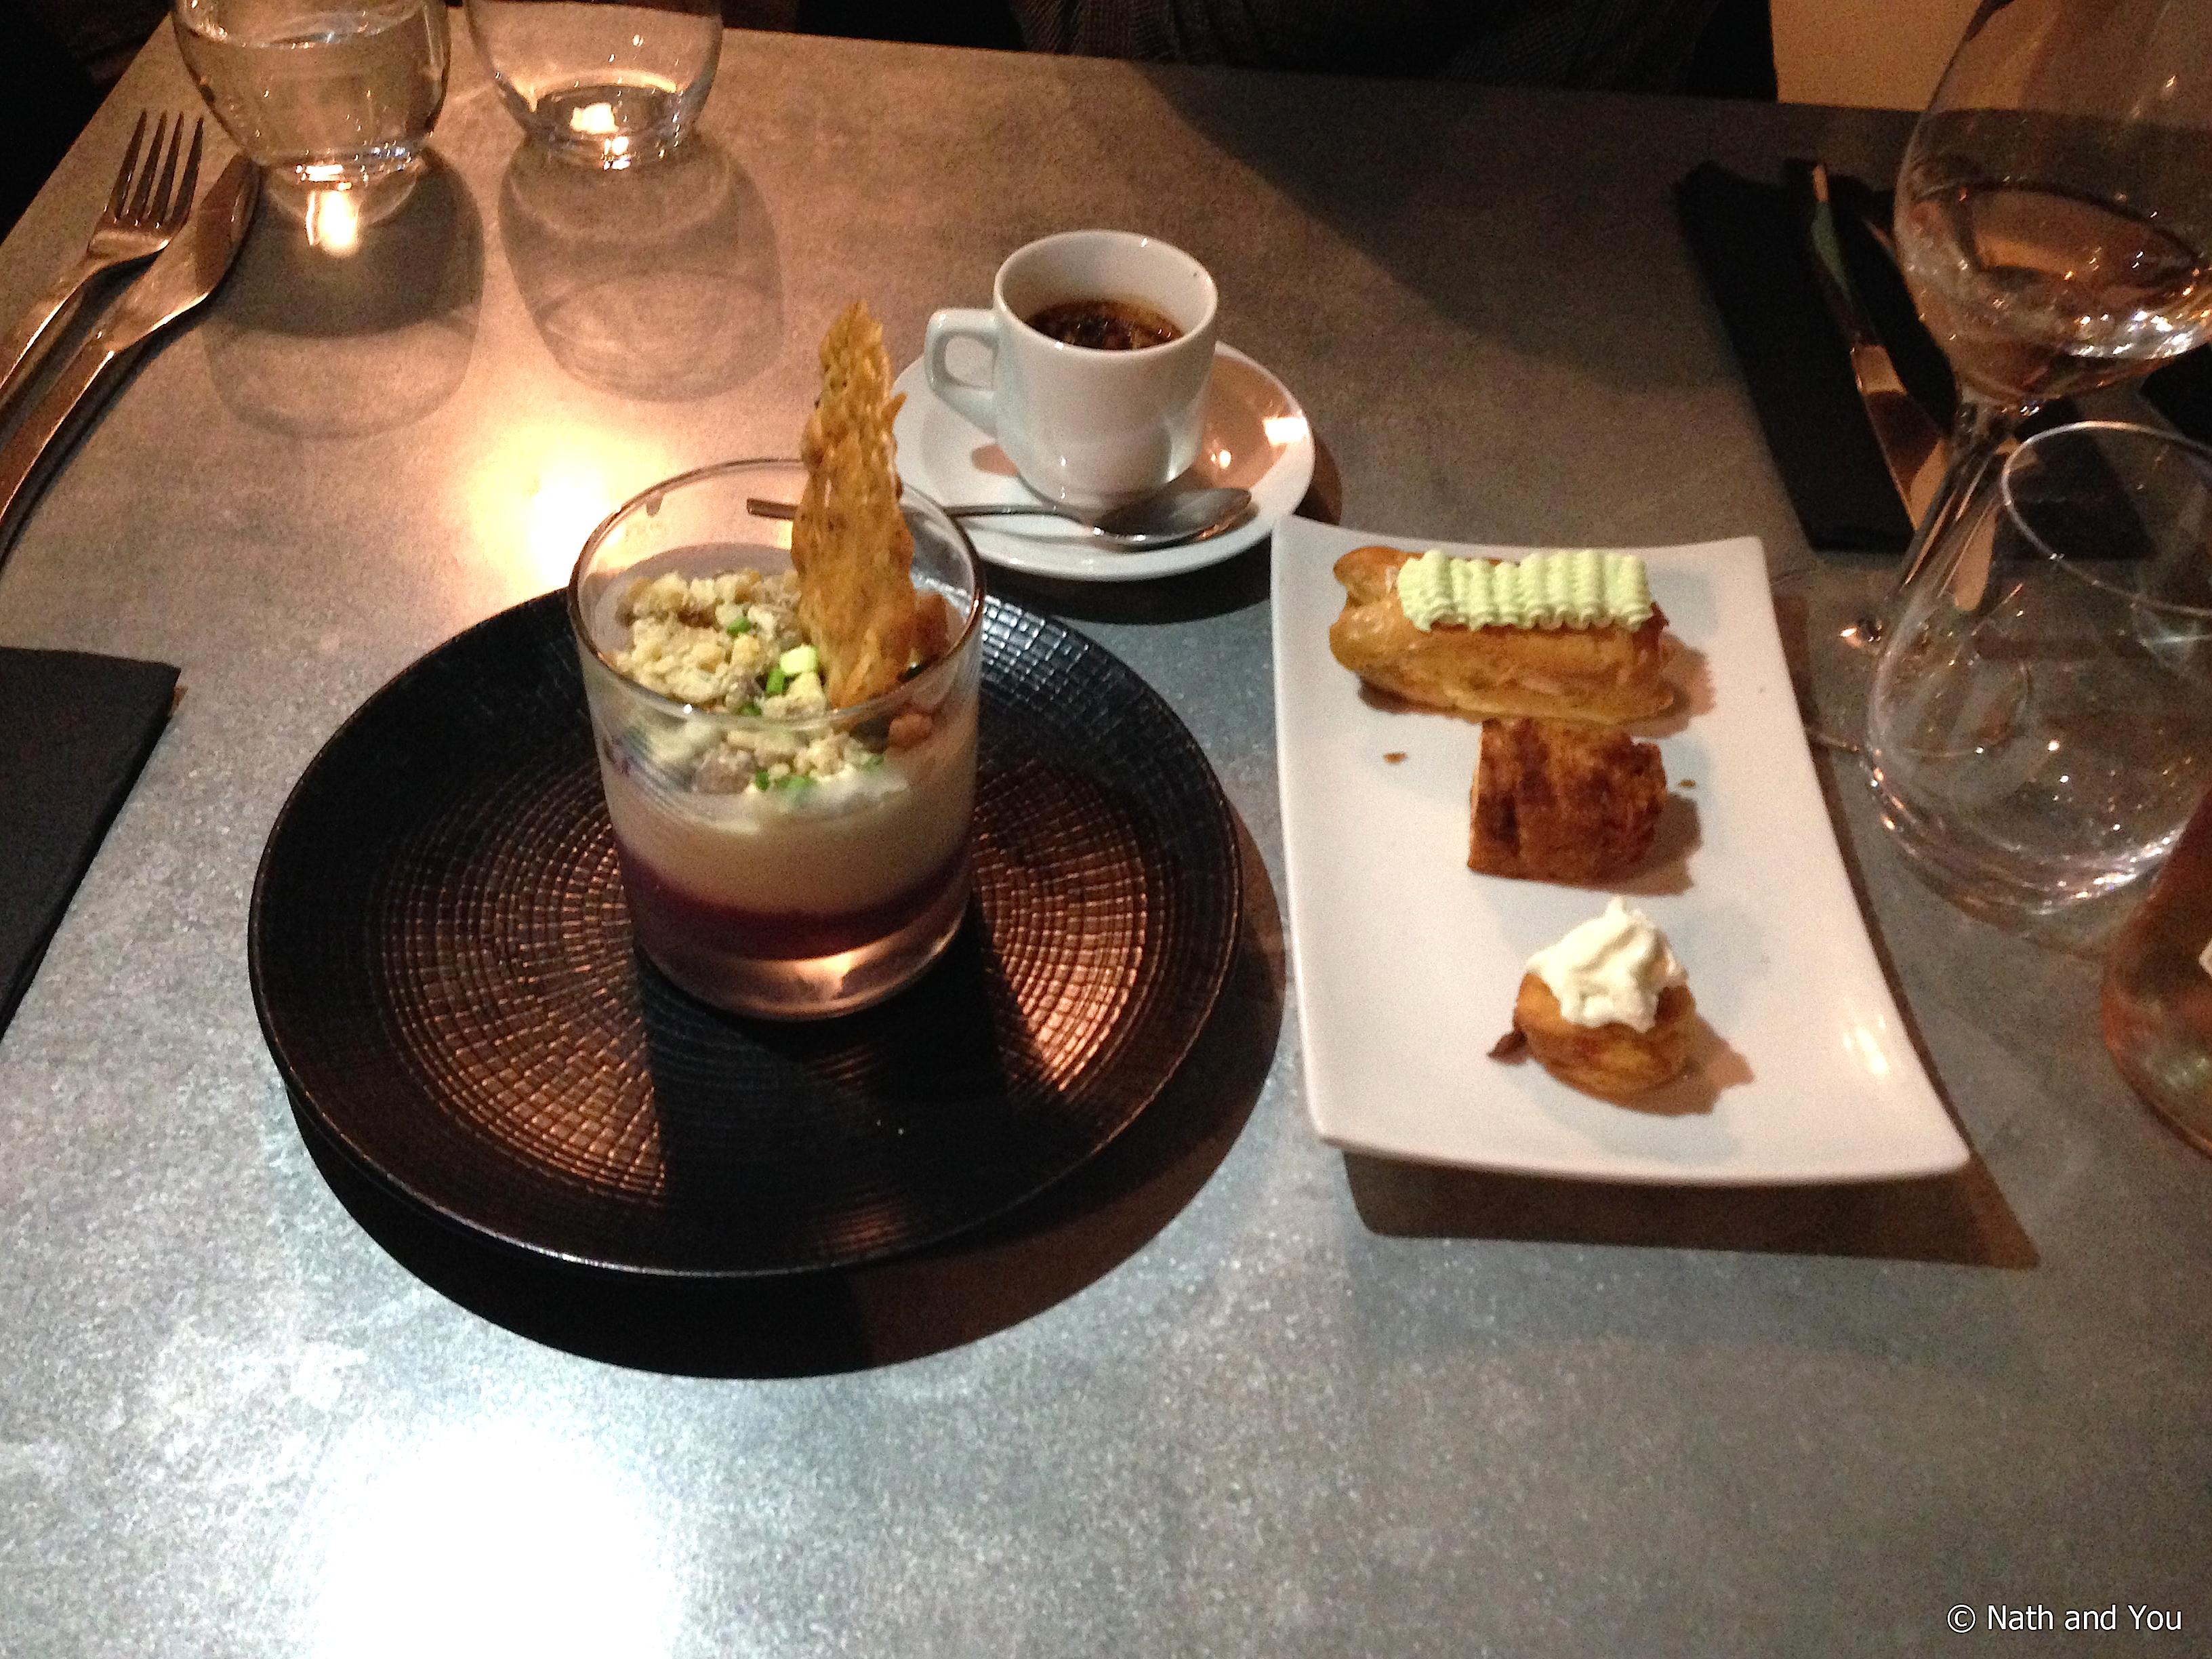 cafe-gourmand-panna-cotta-prive-de-dessert-nath-and-you